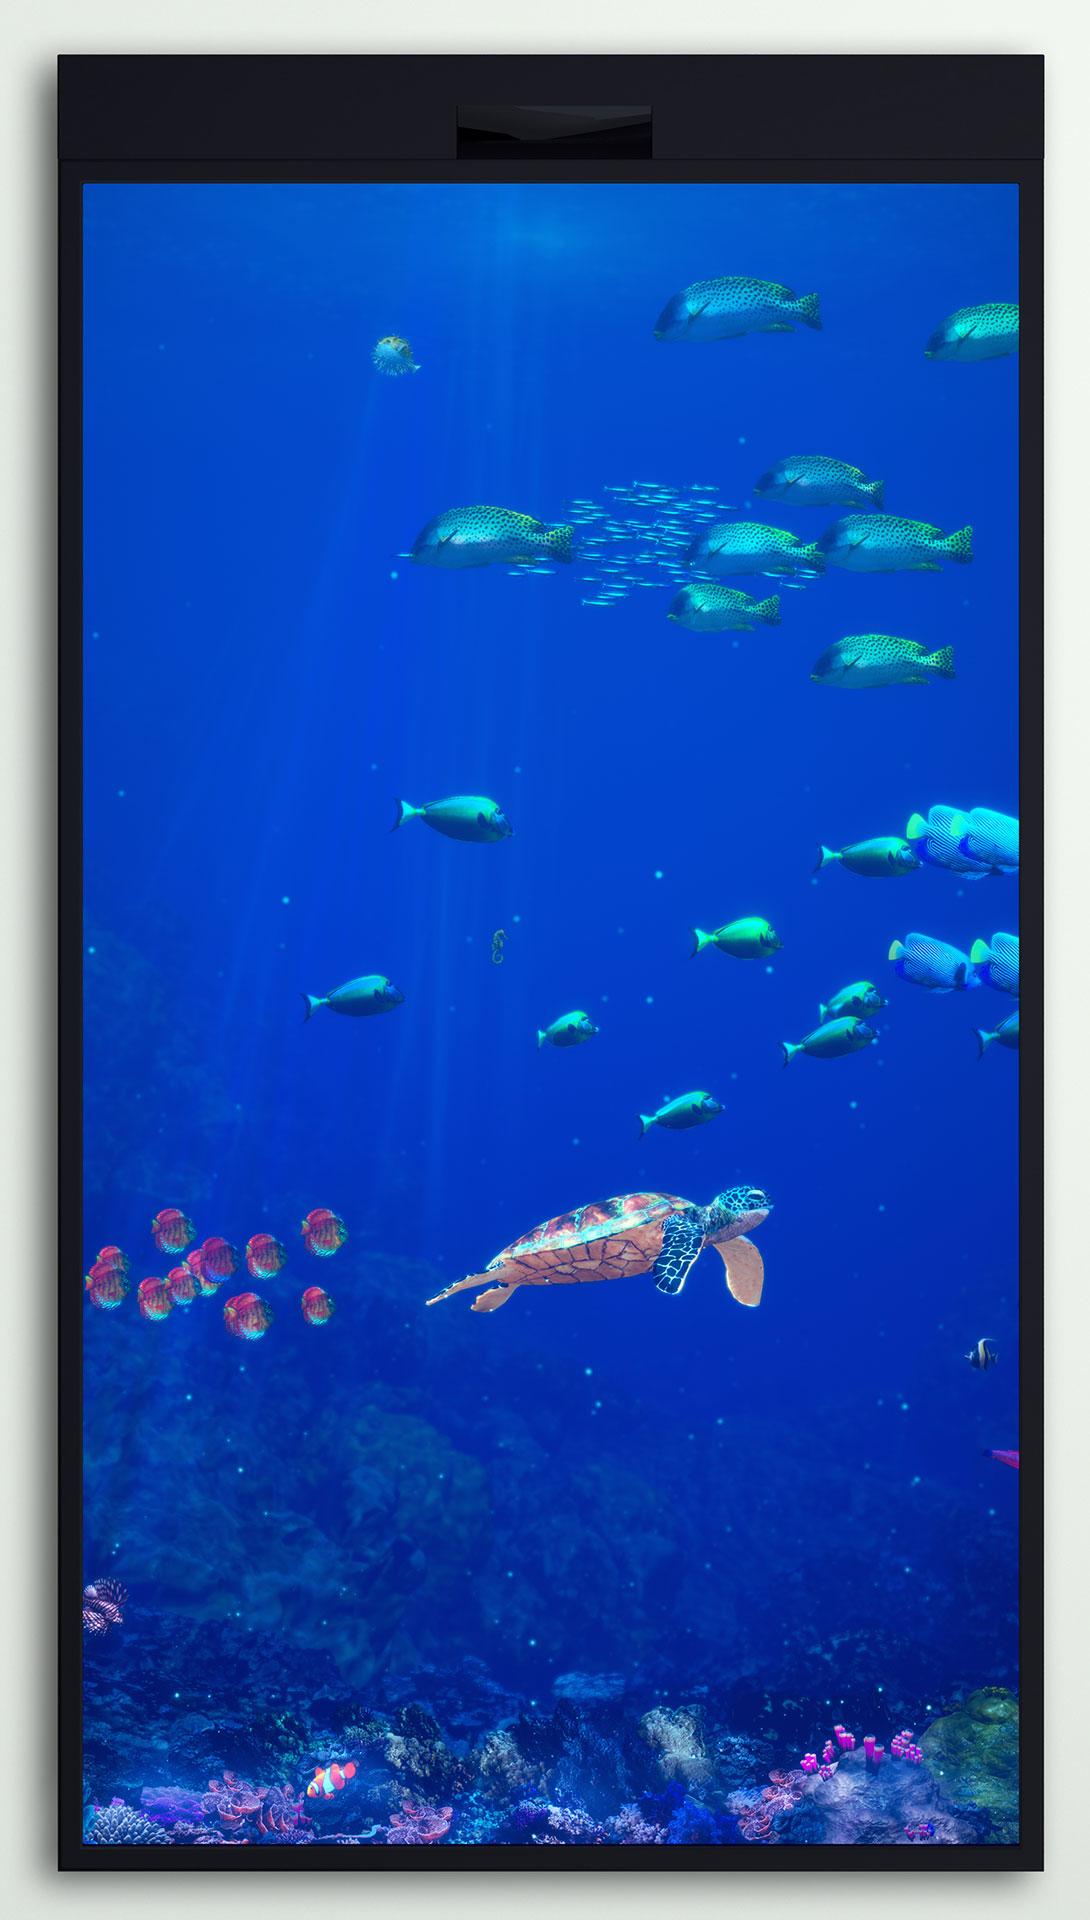 Deep Blue Interactive Aquarium (4K)